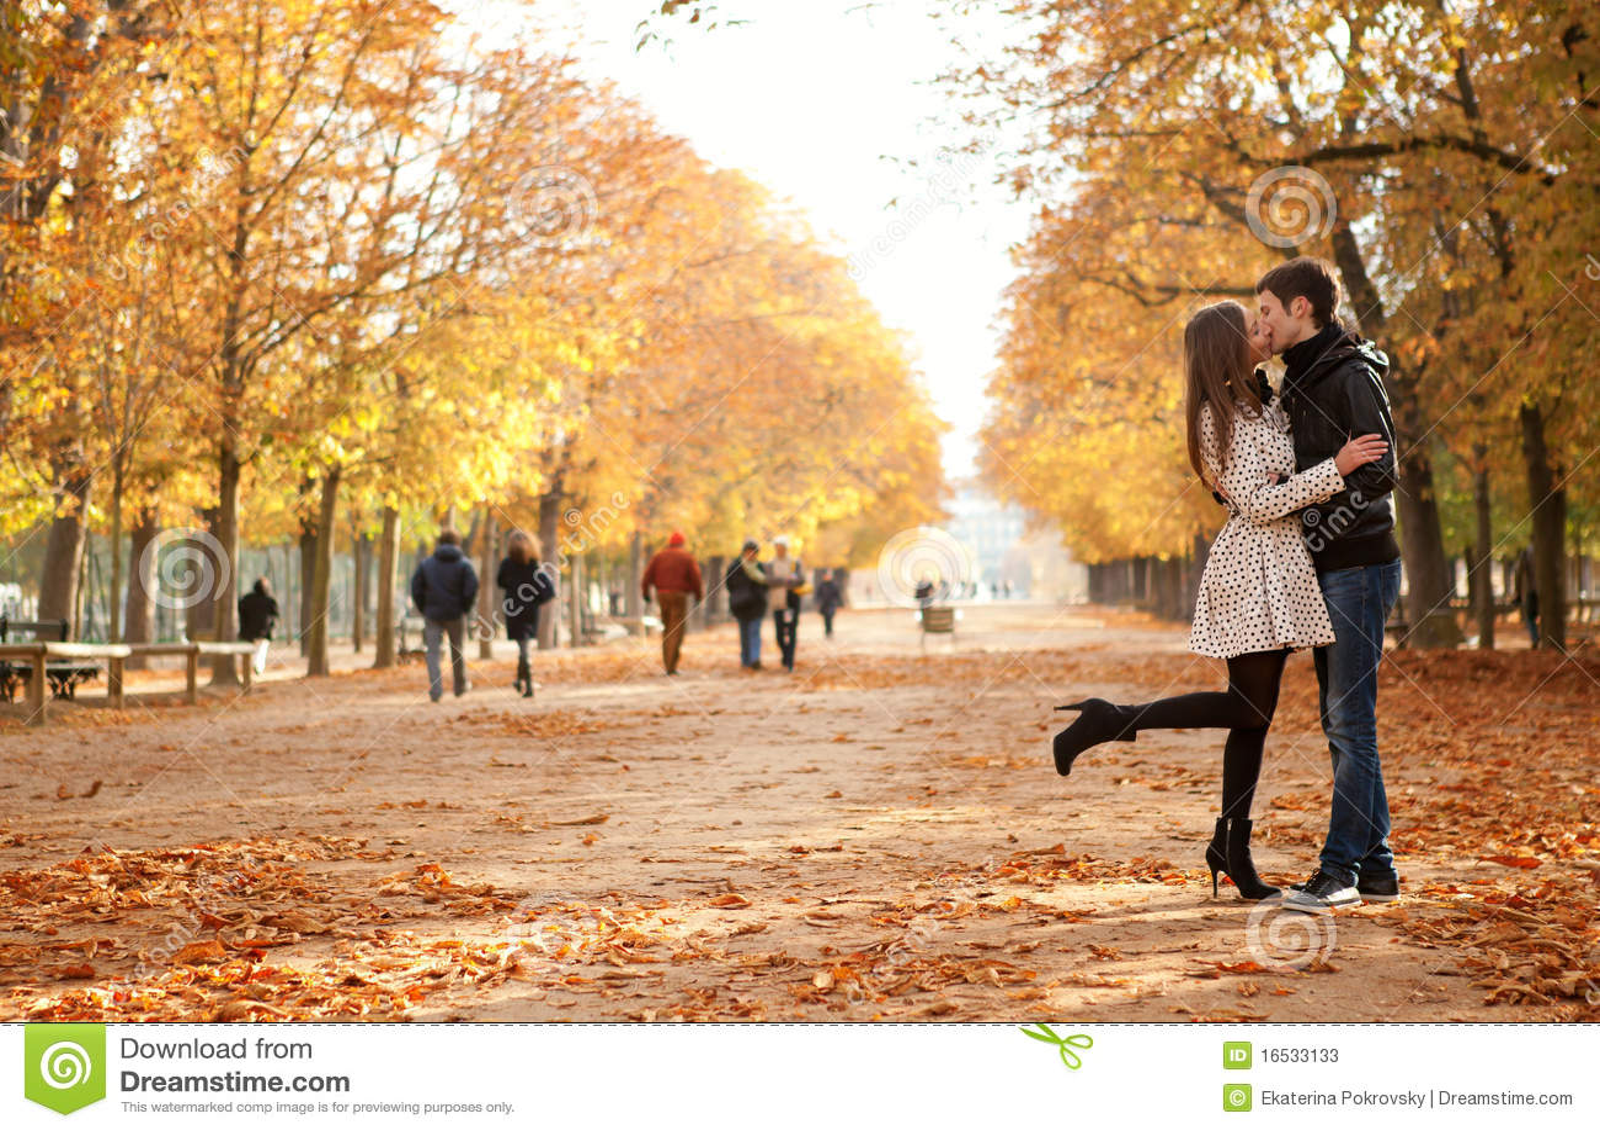 autumn engagement photo ideas - Jeunes Beaux Couples à L automne s stock Image